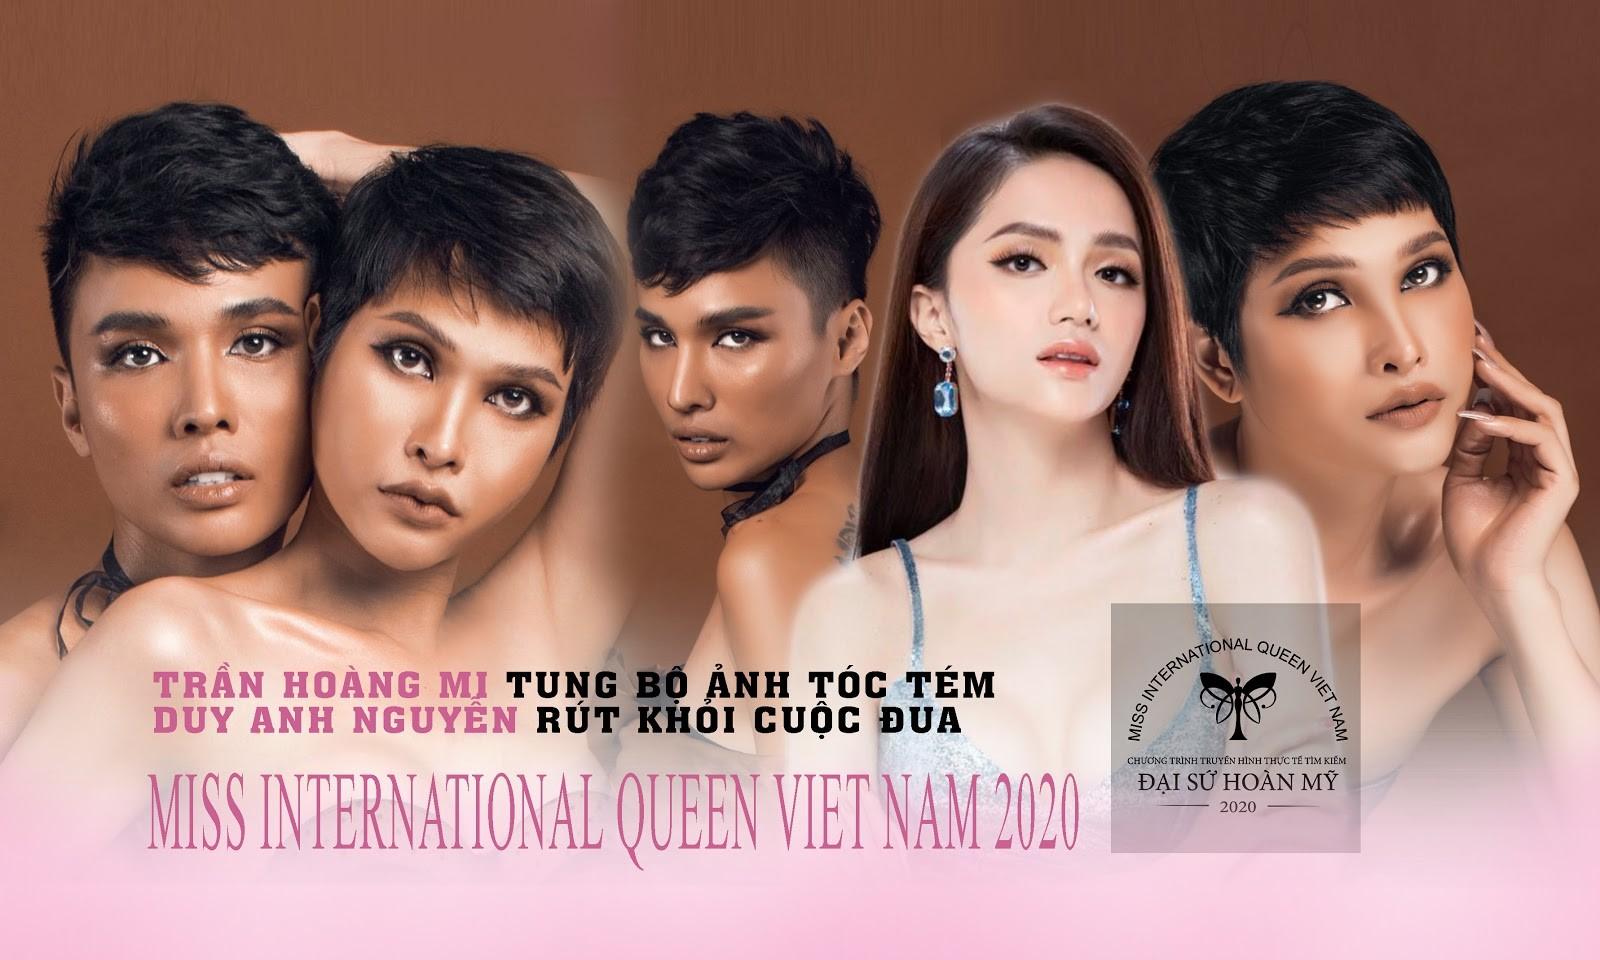 Miss International Queen VietNam - Trần Hoàng Mi tóc tém cá tính, Duy Anh Nguyễn bất ngờ rút lui 0